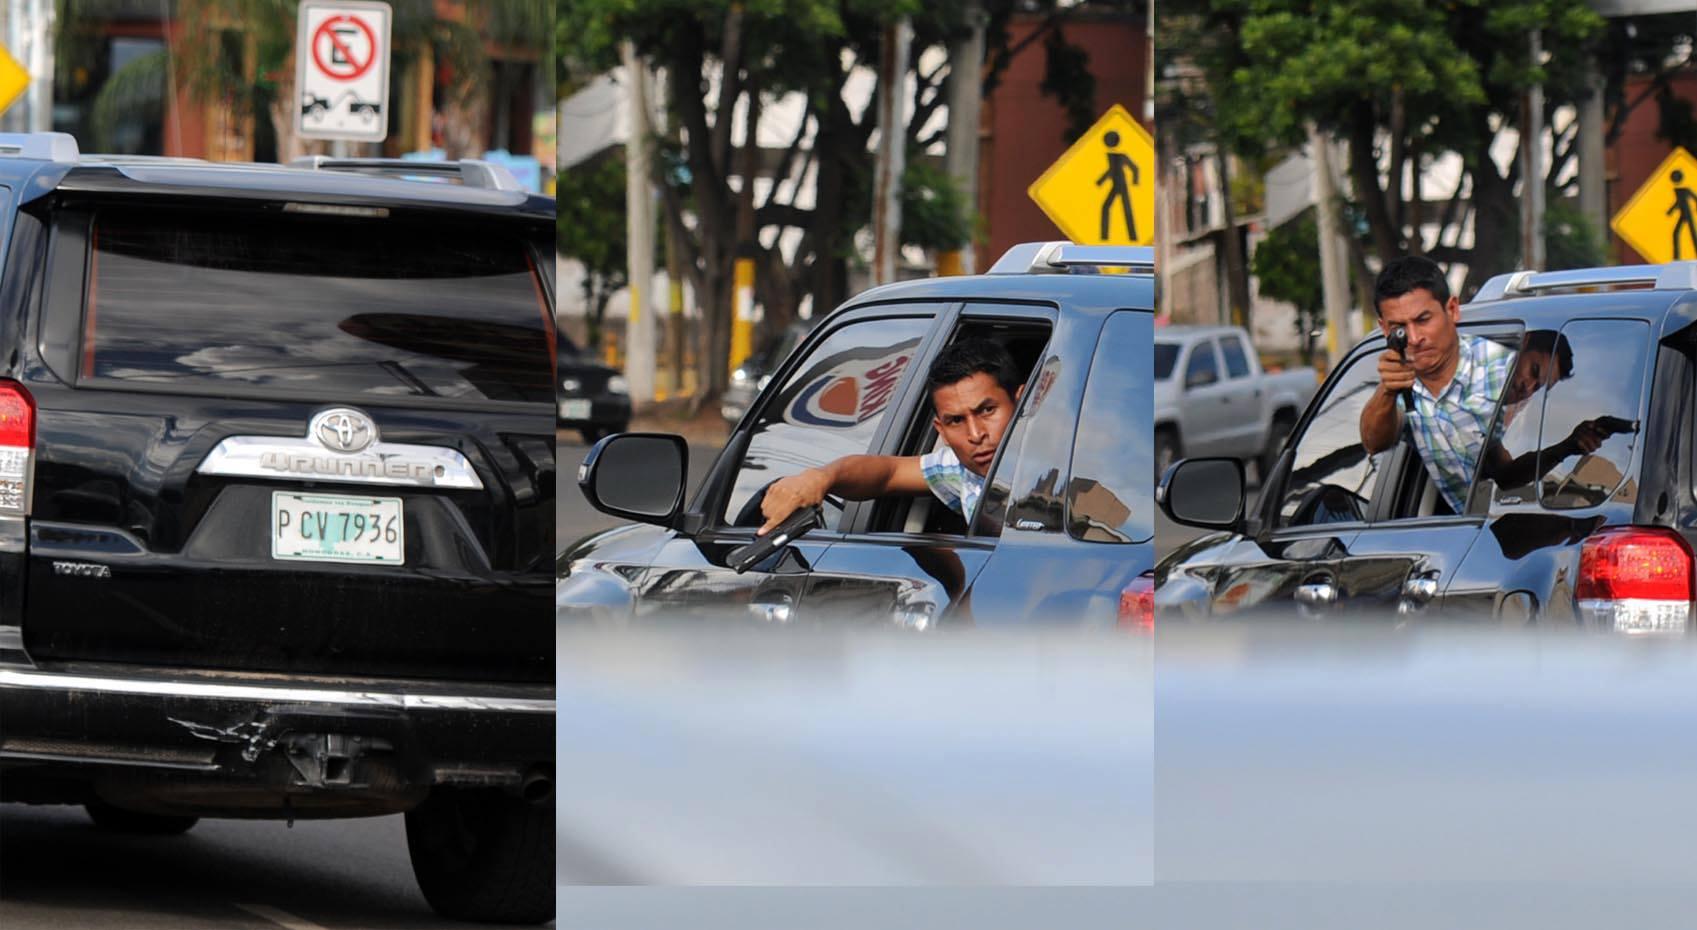 Identifican desconocido que disparó a hondureños del Frente Nacional de Resistencia Popular